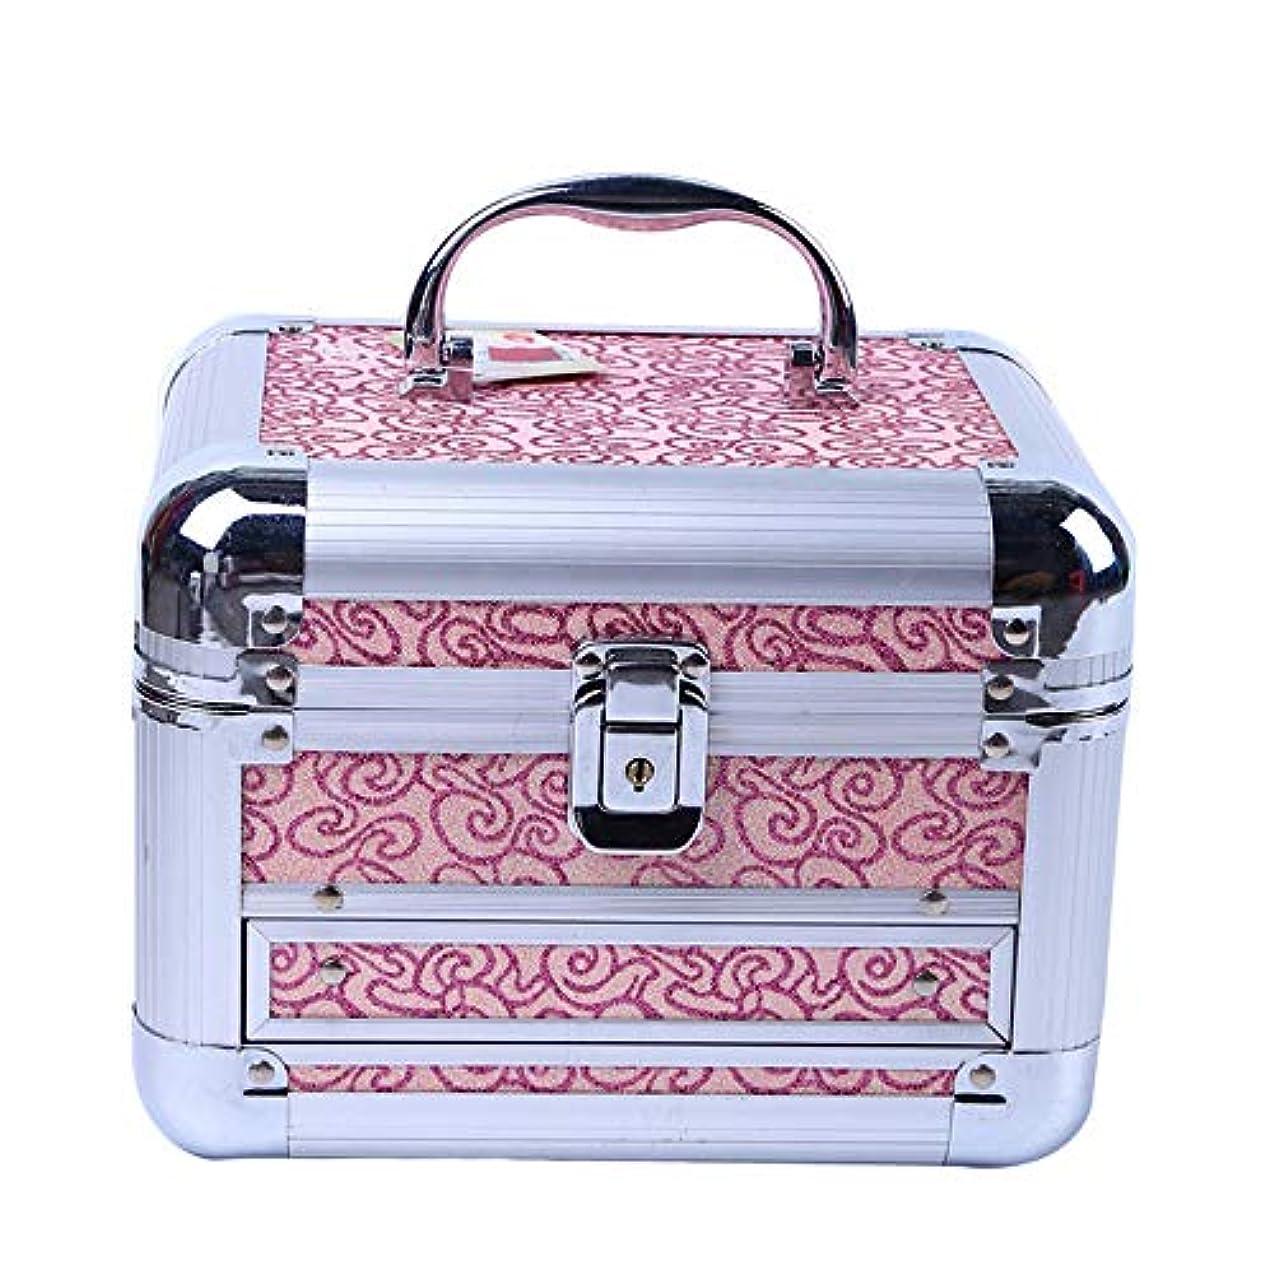 汚物解読する一瞬化粧オーガナイザーバッグ 美容メイクアップのための大容量ポータブル化粧ケース、女子女性のための化粧鏡と折り畳みトレイと旅行と毎日のストレージ 化粧品ケース